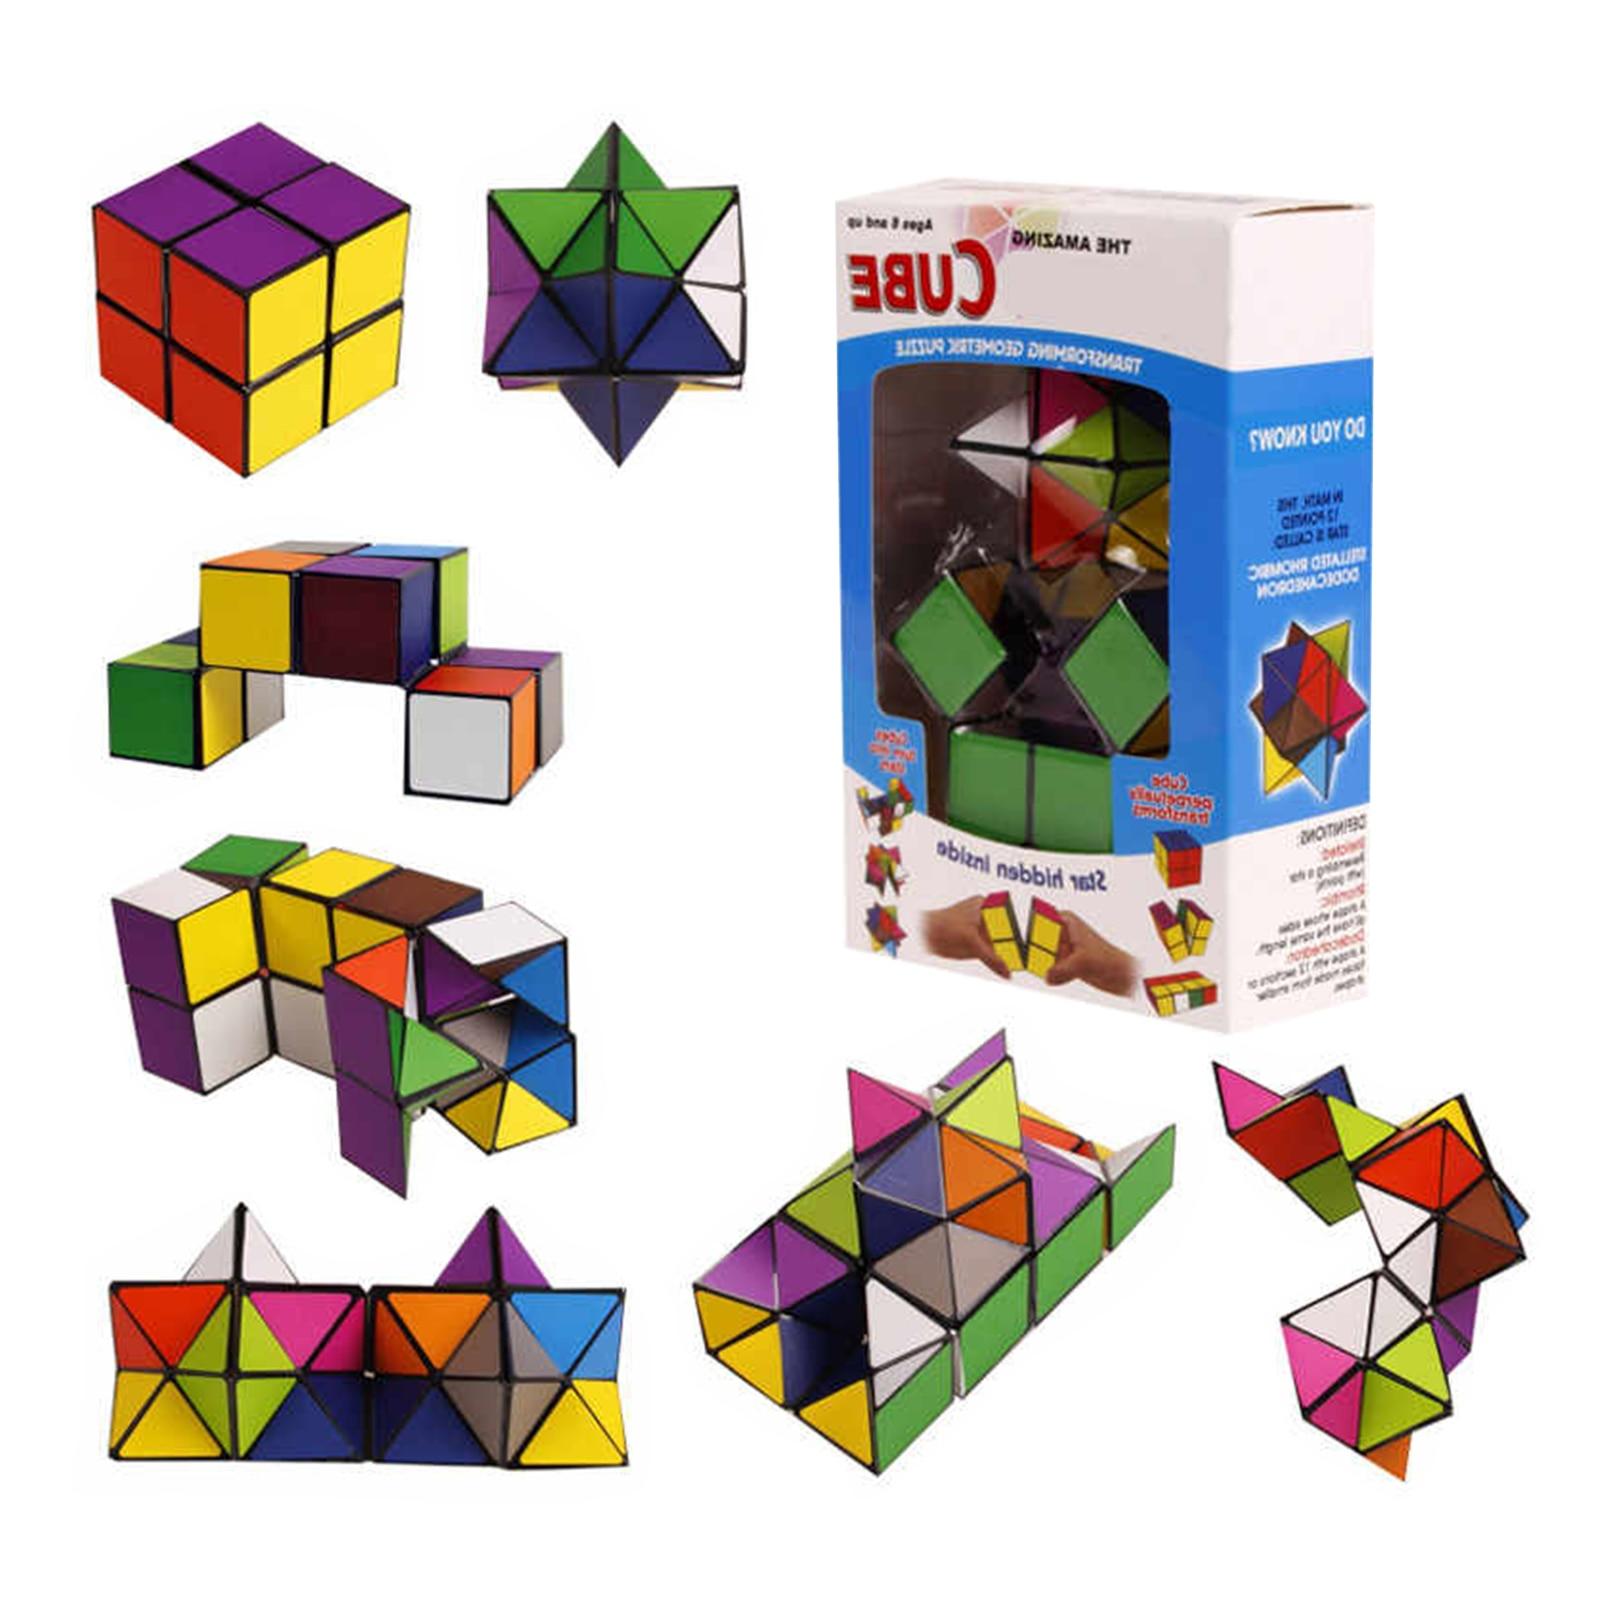 cubo magico 3d com estrela 2 em 1 resistente a altas temperaturas a prova dagua para